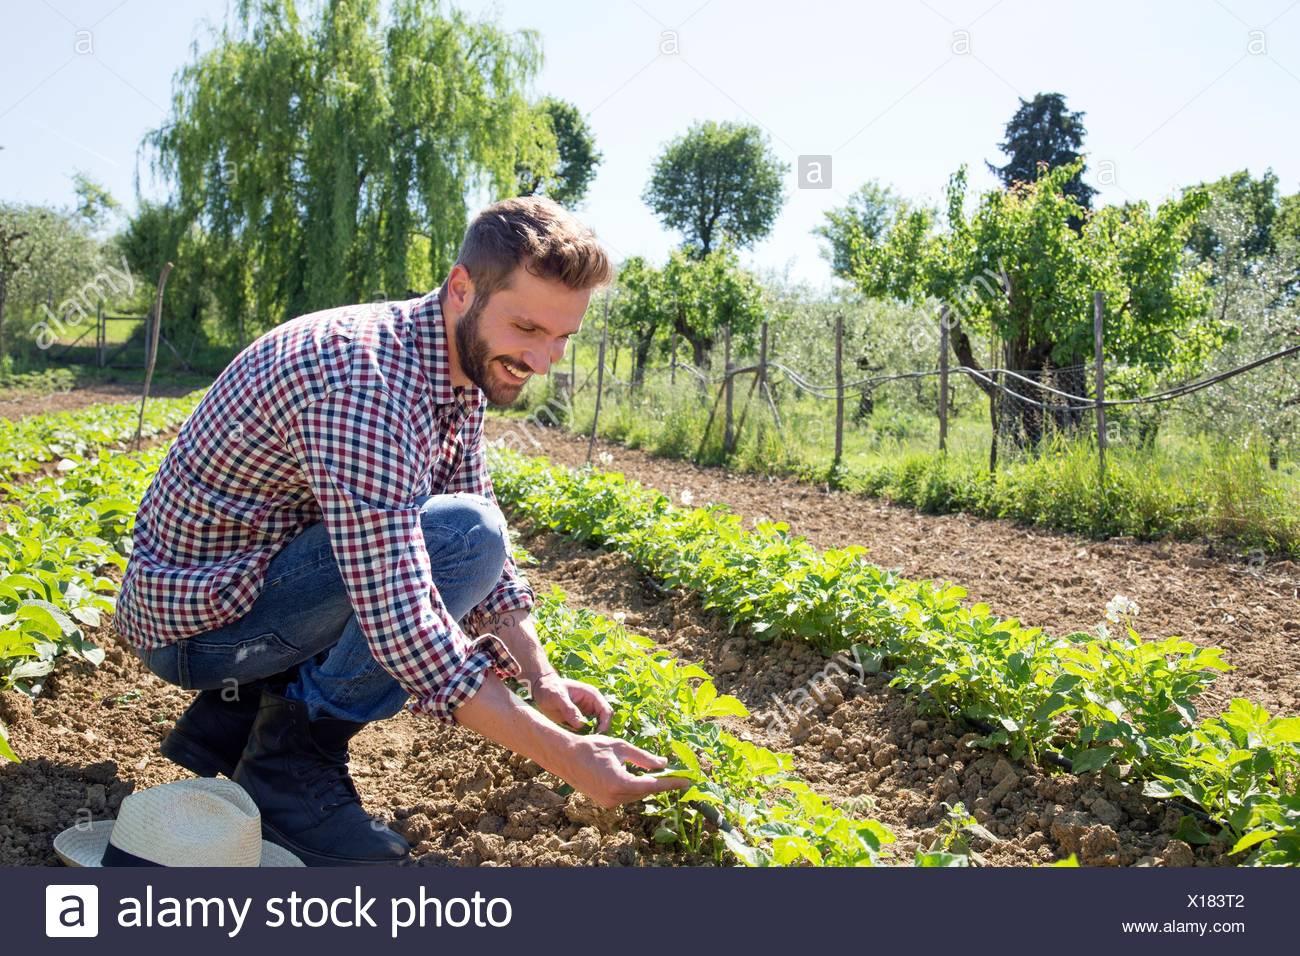 Jeune homme accroupi dans le champ qui tend à la tomate Photo Stock